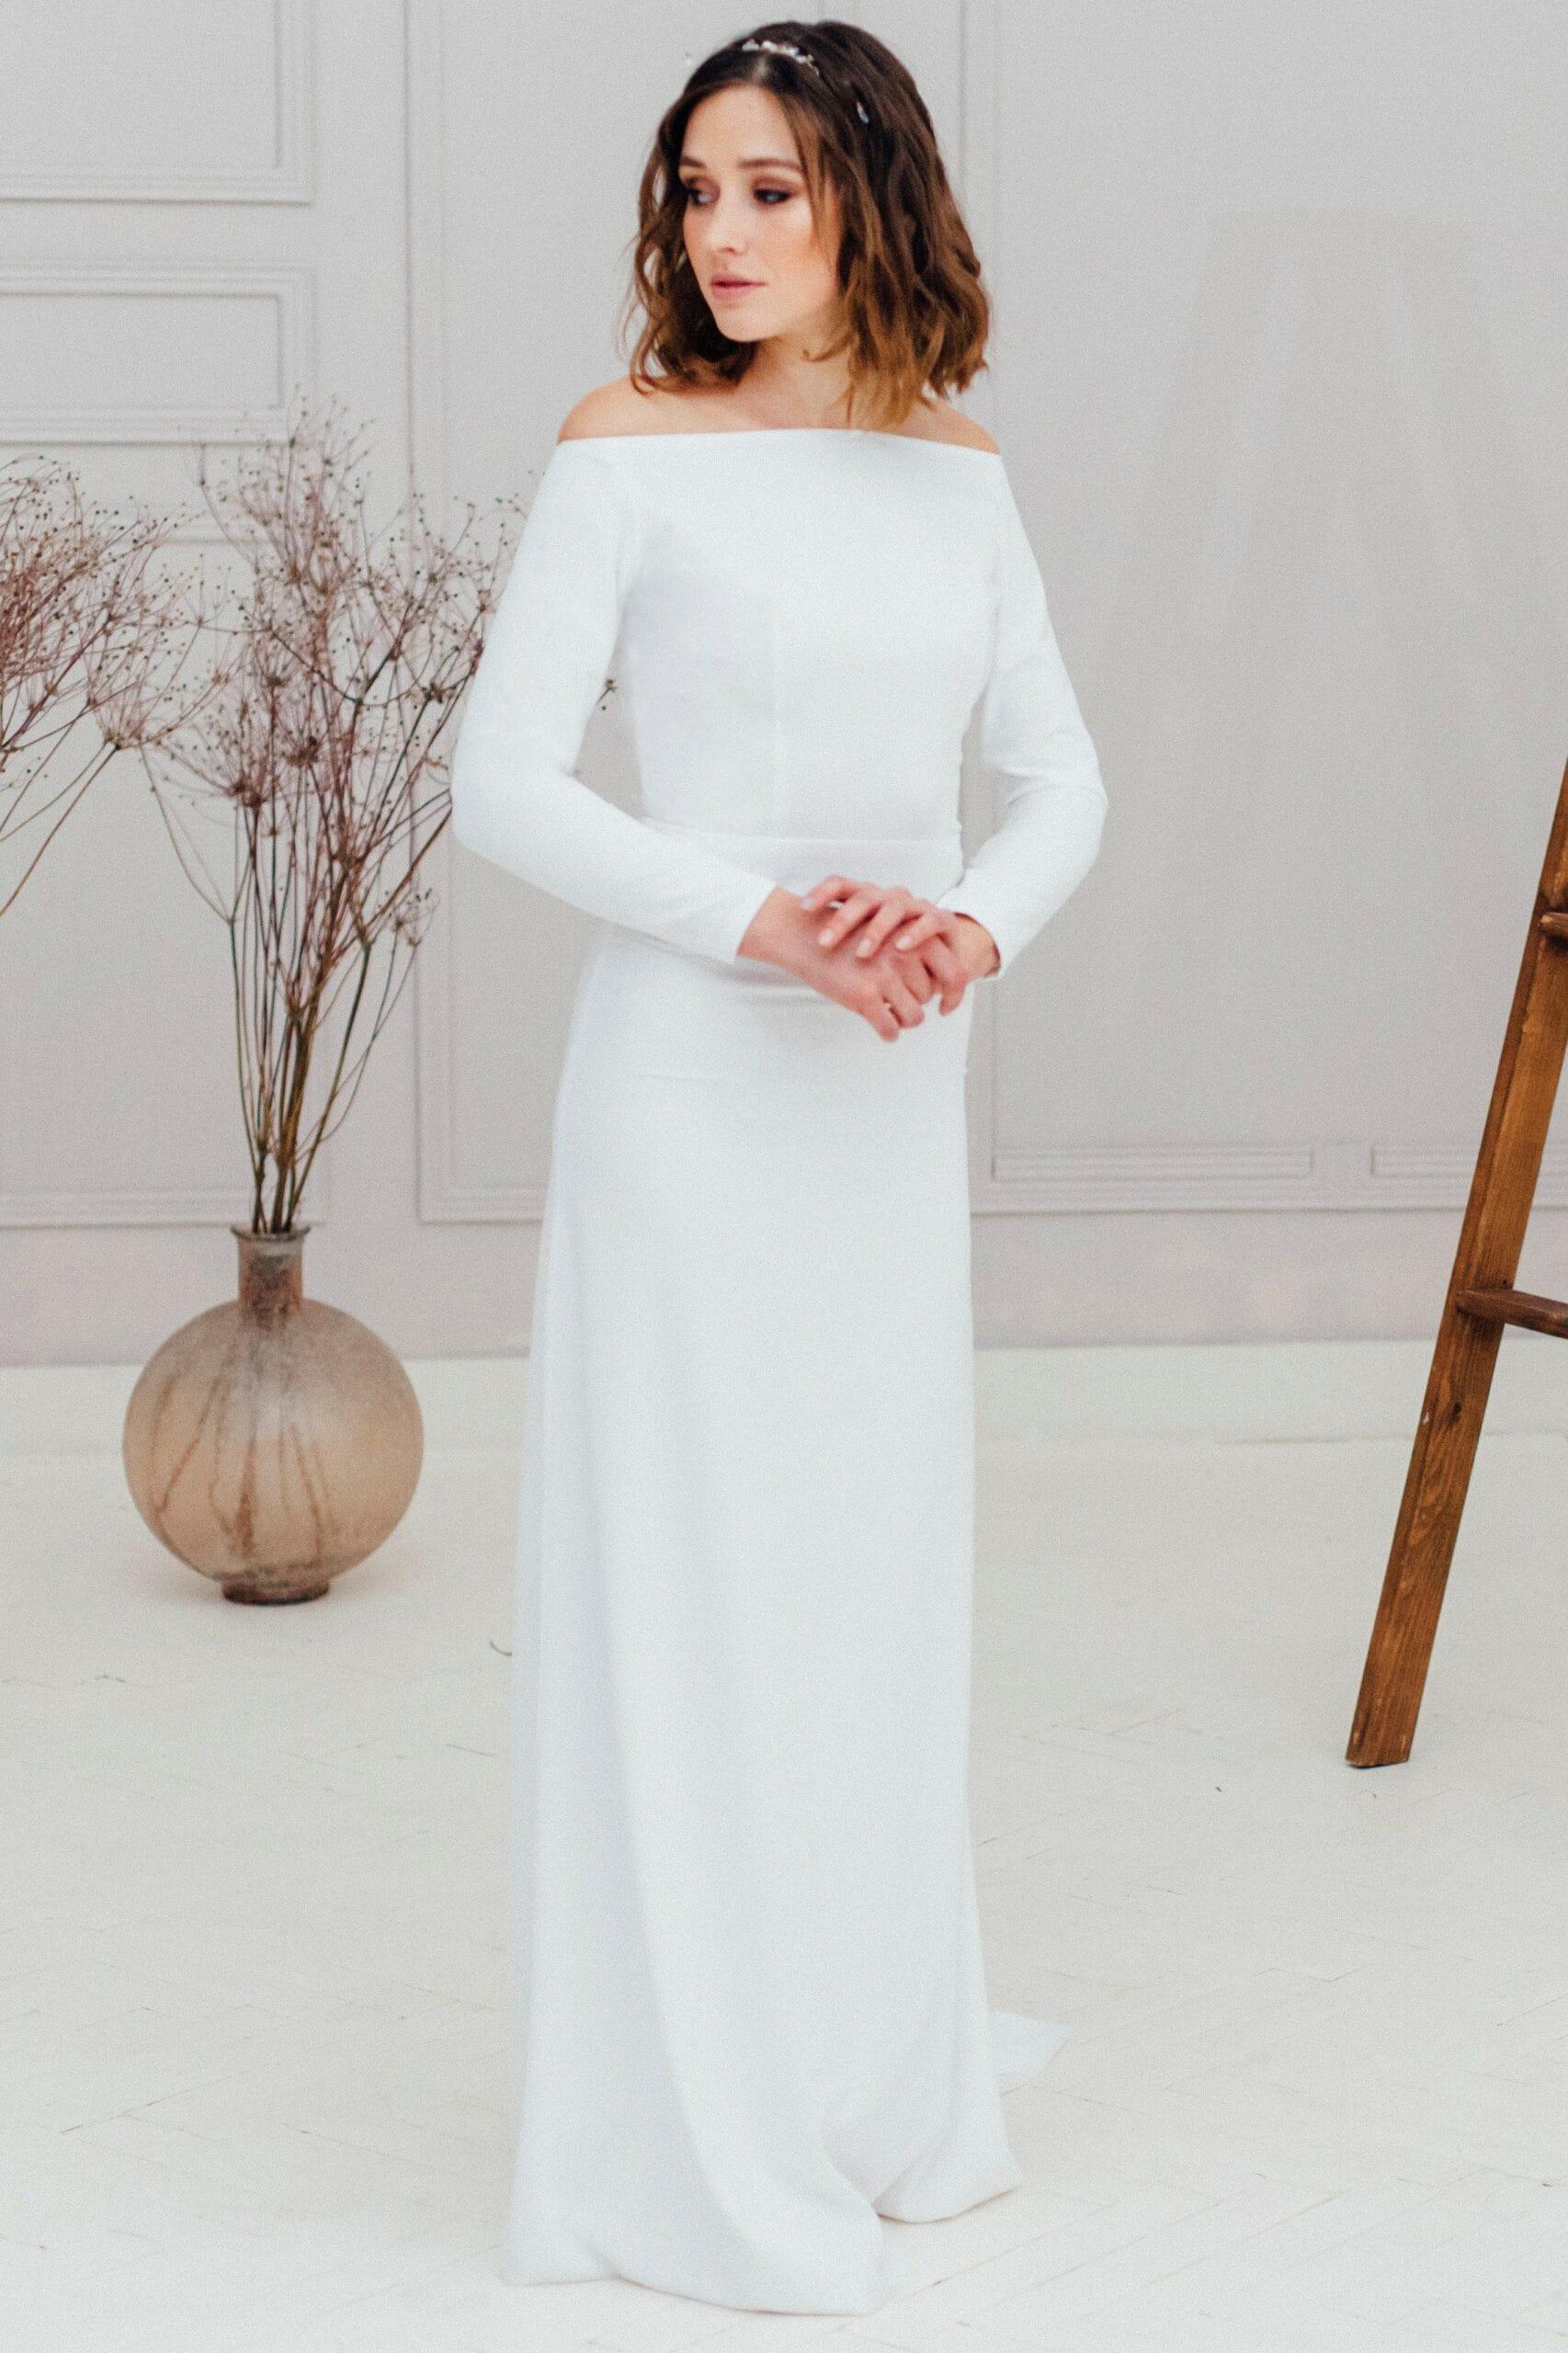 Свадебное платье MAINE, коллекция REFINED ELEGANCE, бренд OKA NOMO, фото 3